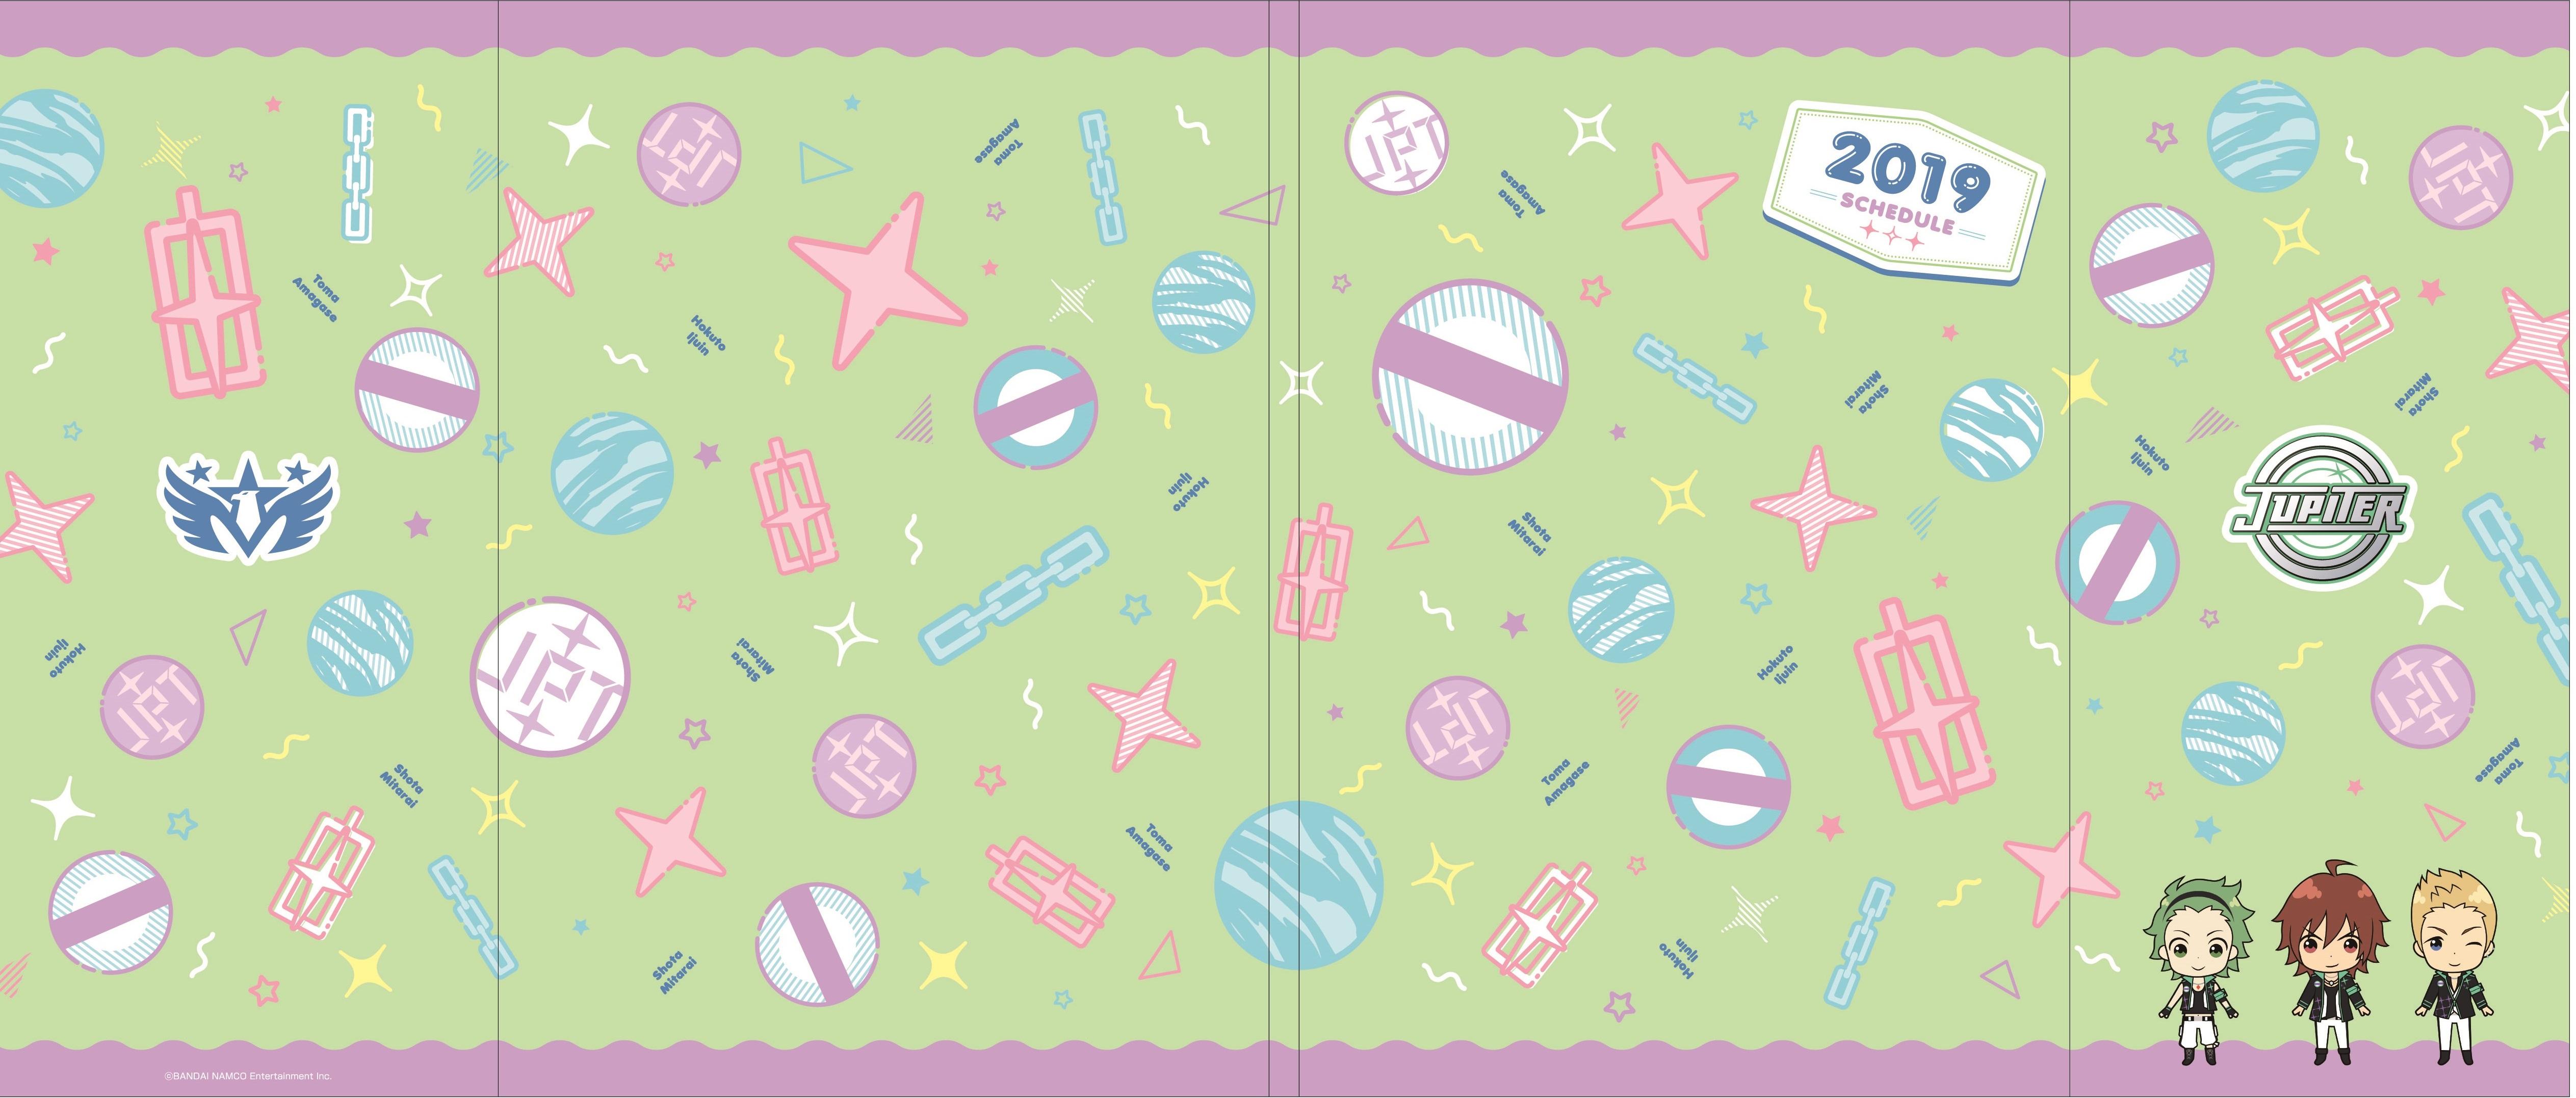 アイドルマスター SideM 2019年度スケジュール帳 Jupiter